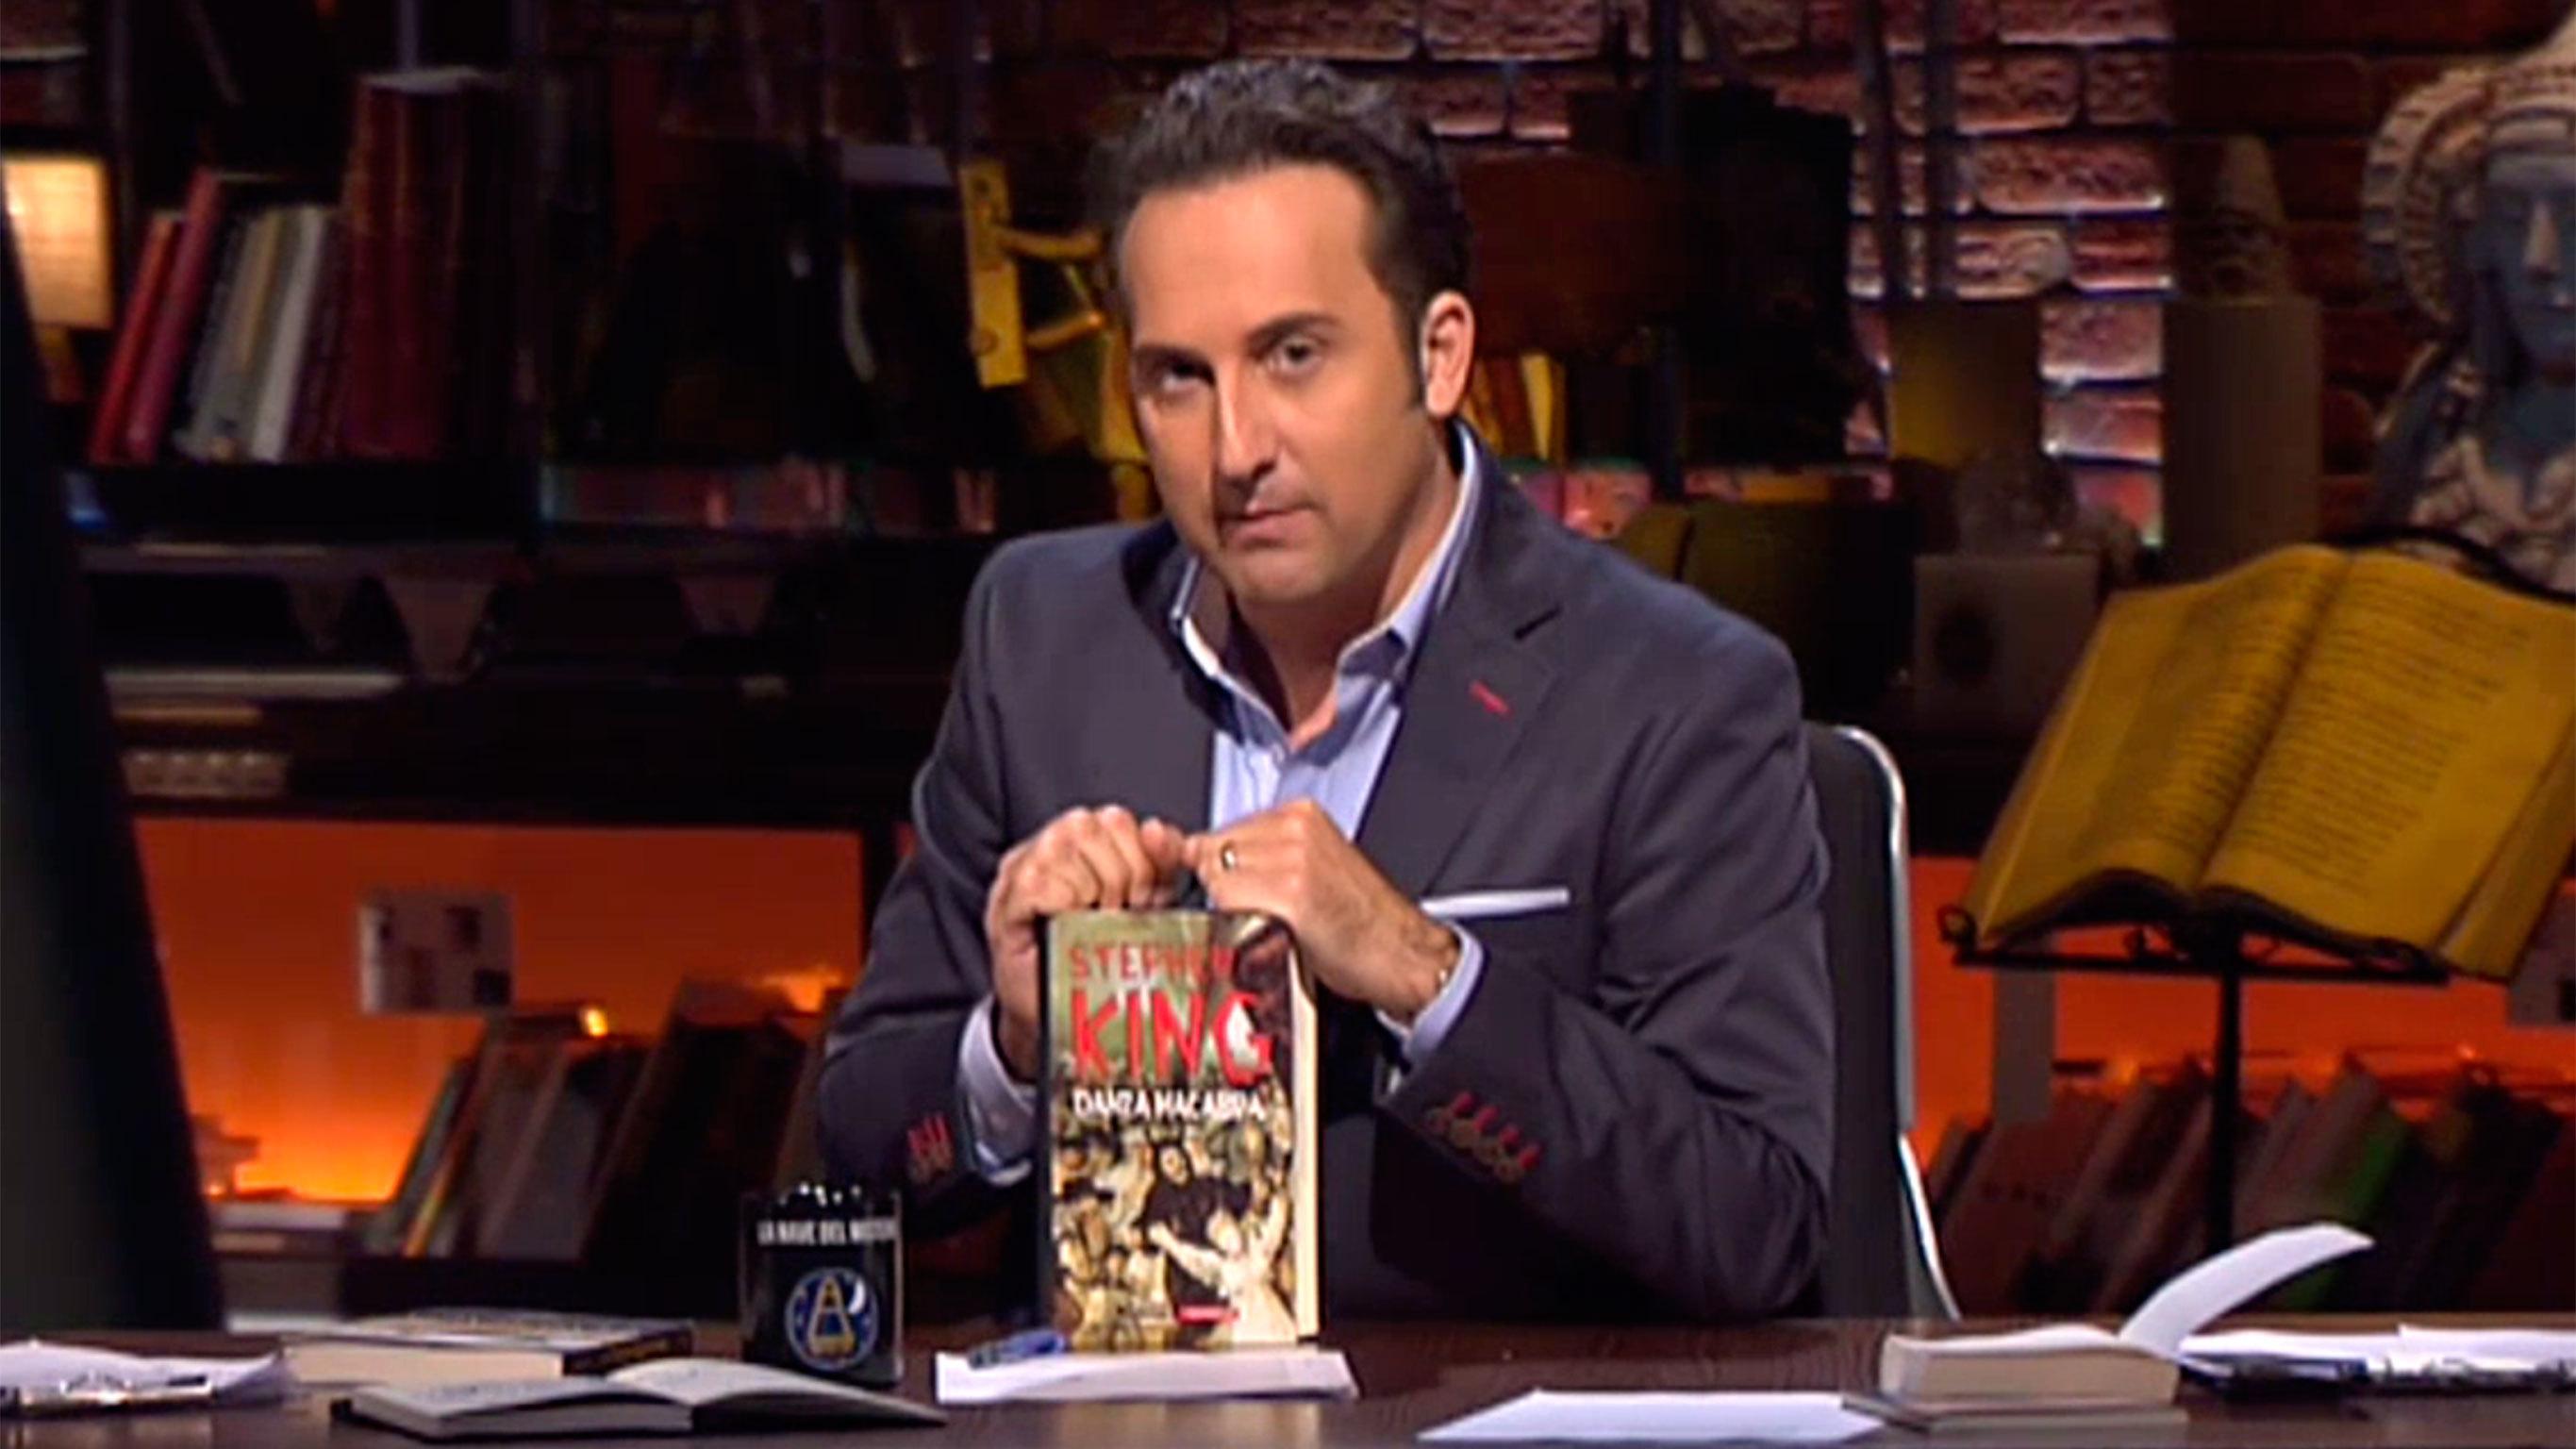 Canal: Mitele Programa: Cuarto Milenio Título: Temporada 12 Programa 472    El Rey Del Terror Descripcion: El Ritmo Vertiginoso Del Escritor Stephen  King Y ...